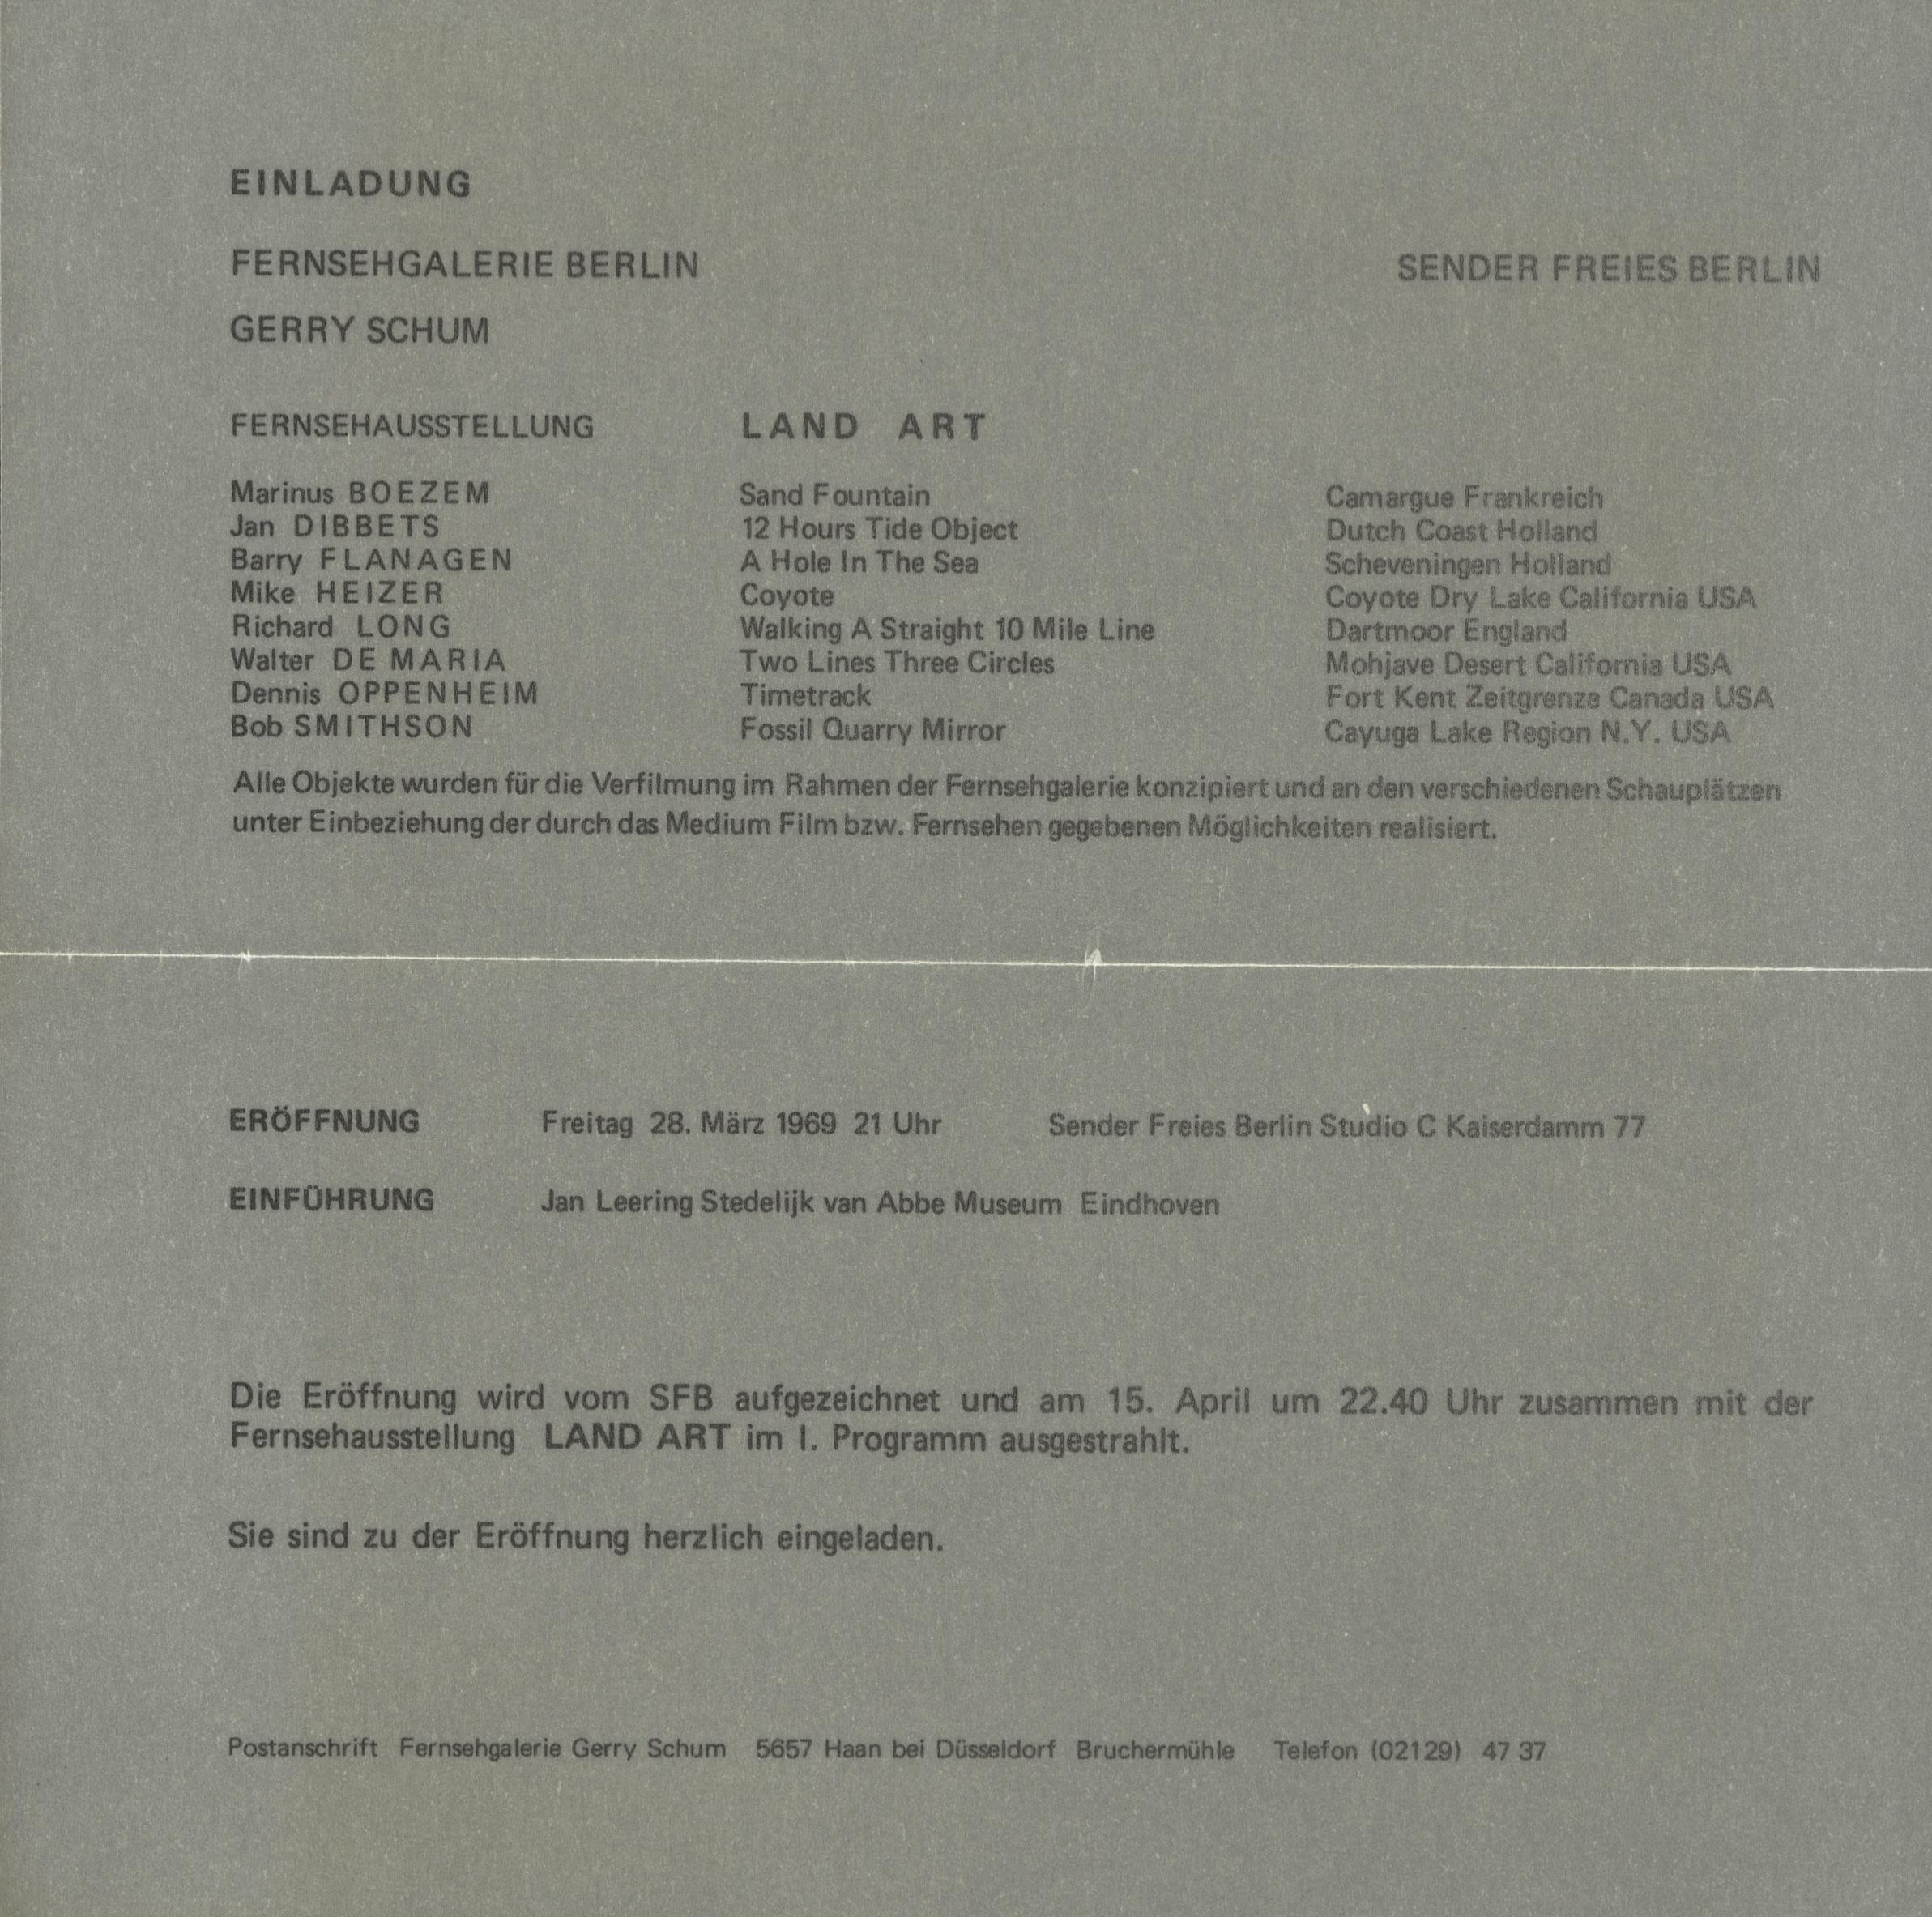 Gerry Schum, Fernsehgalerie Berlin, Land Art, Sender Freies Berlin, 1969 (invitation); Archiv der Avantgarden, Staatliche Kunstsammlungen Dresden